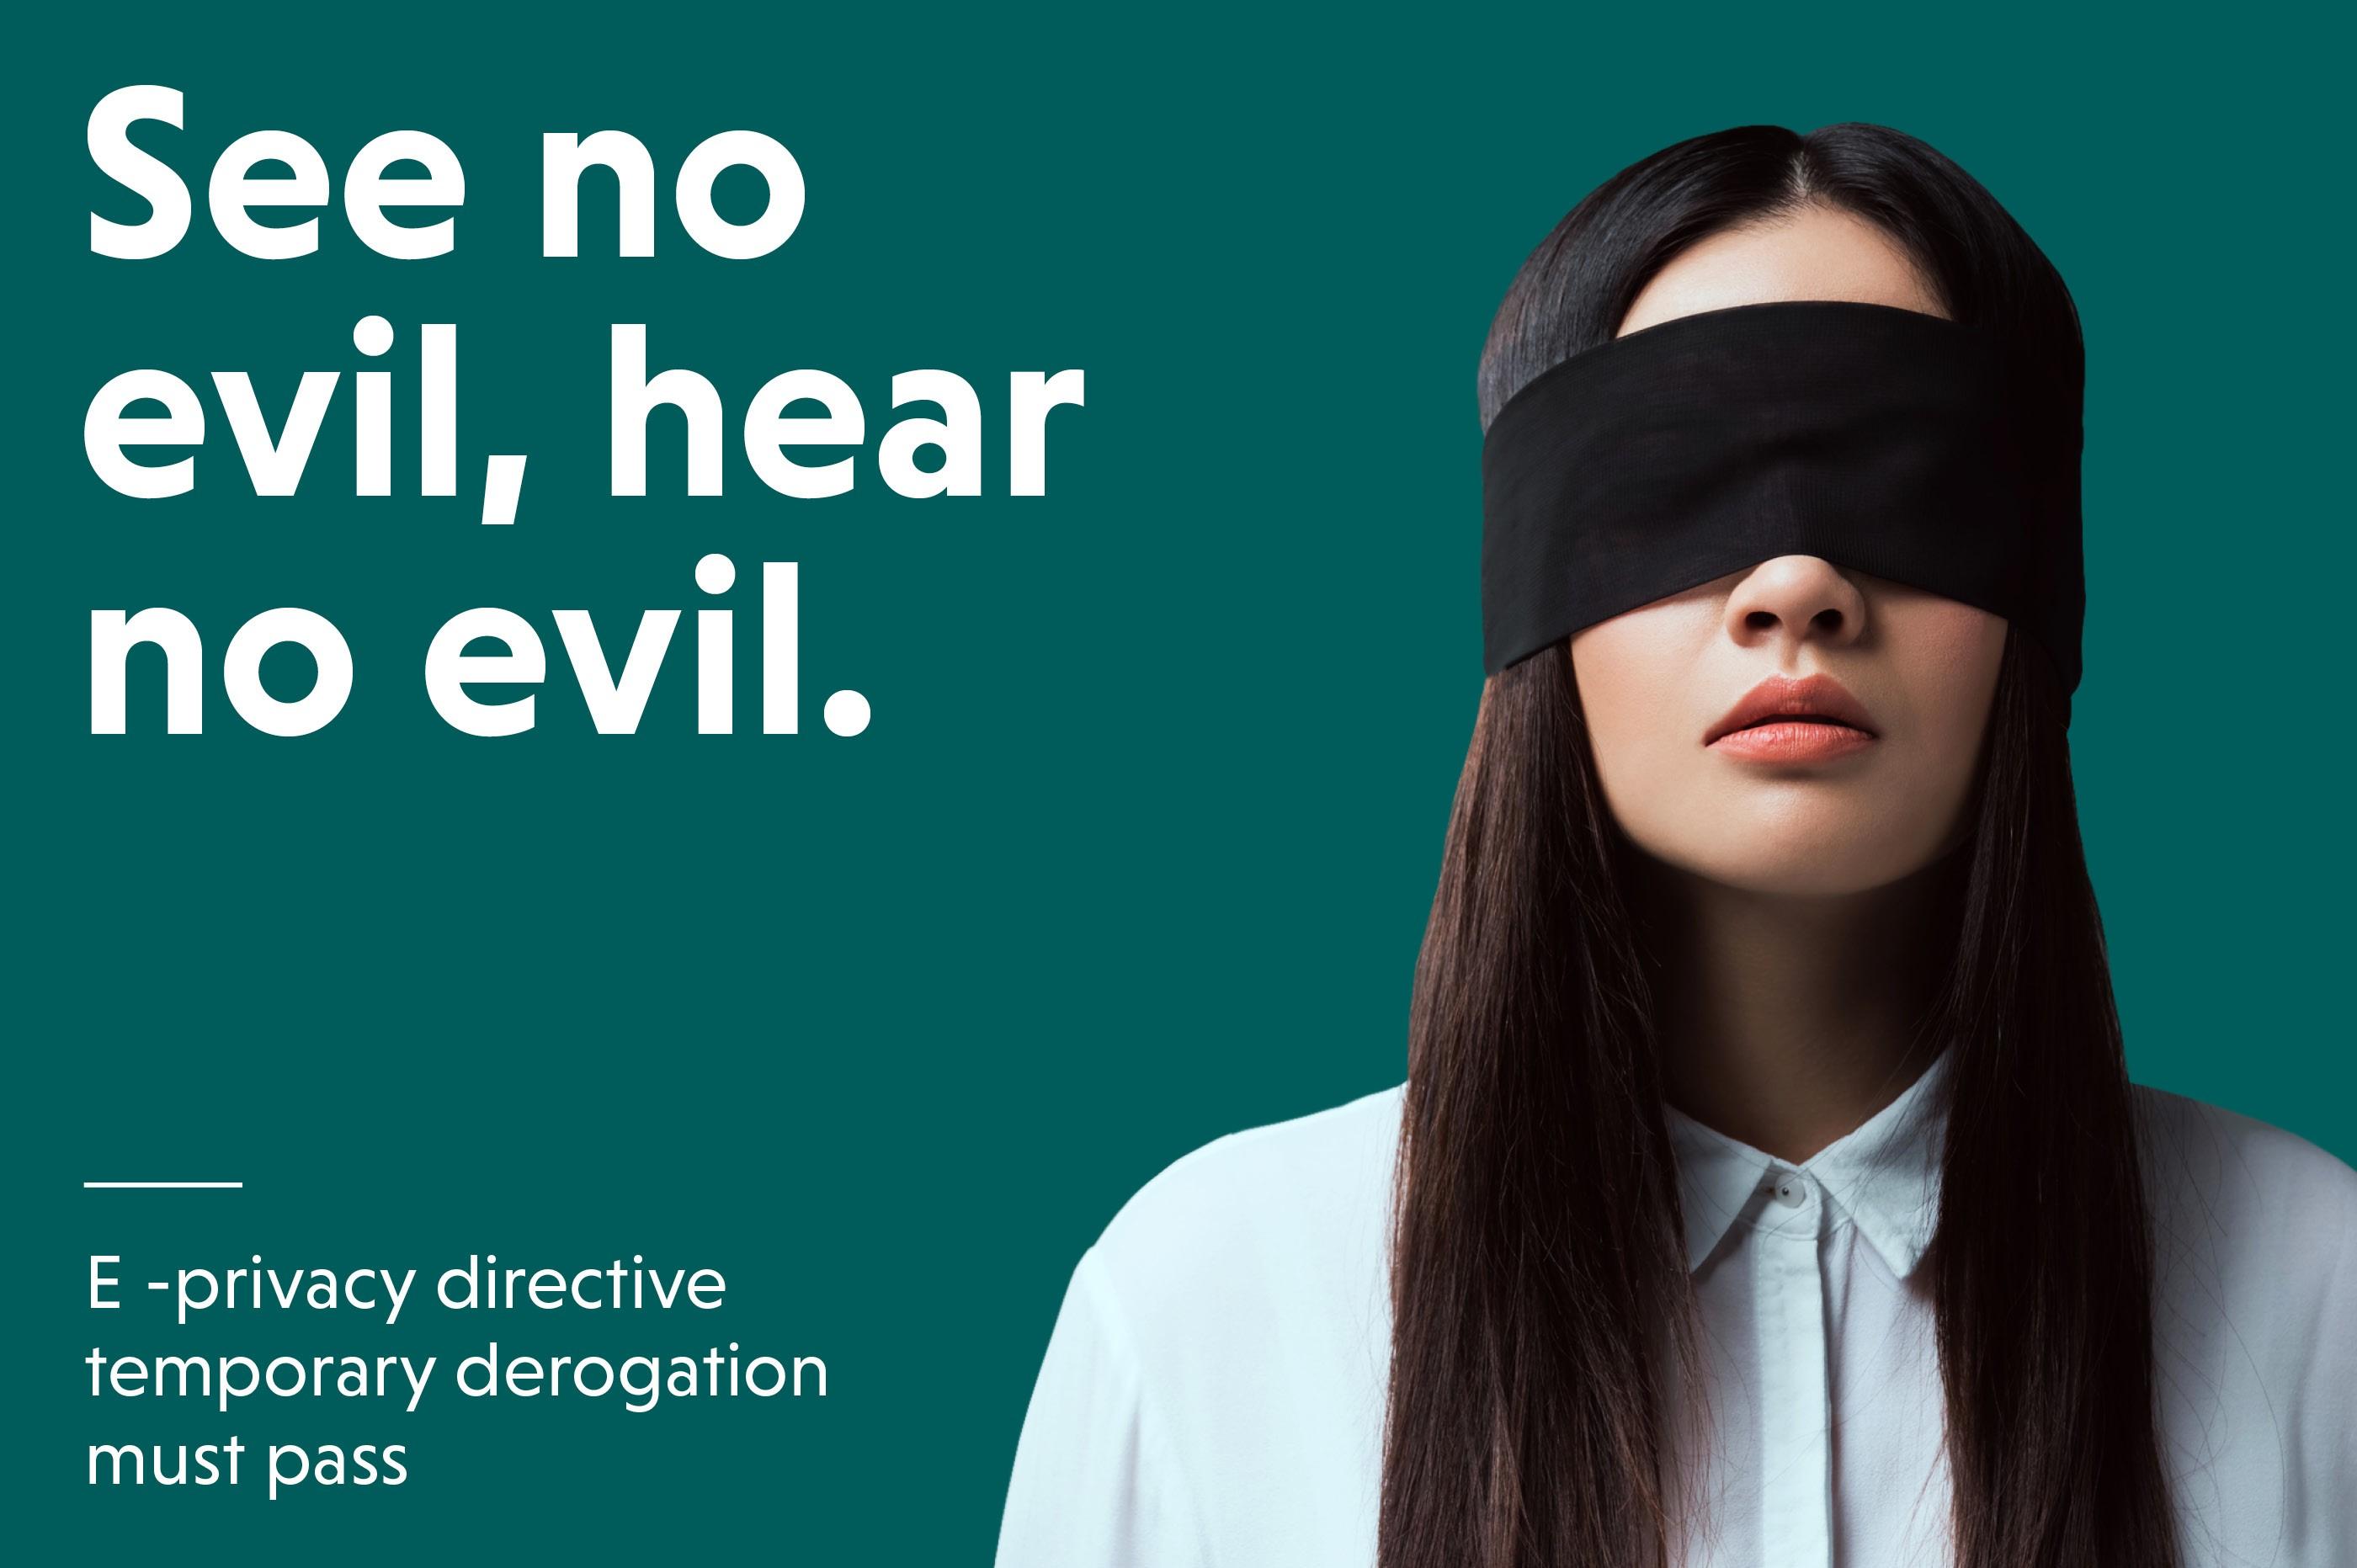 E -privacy directive temporary derogation